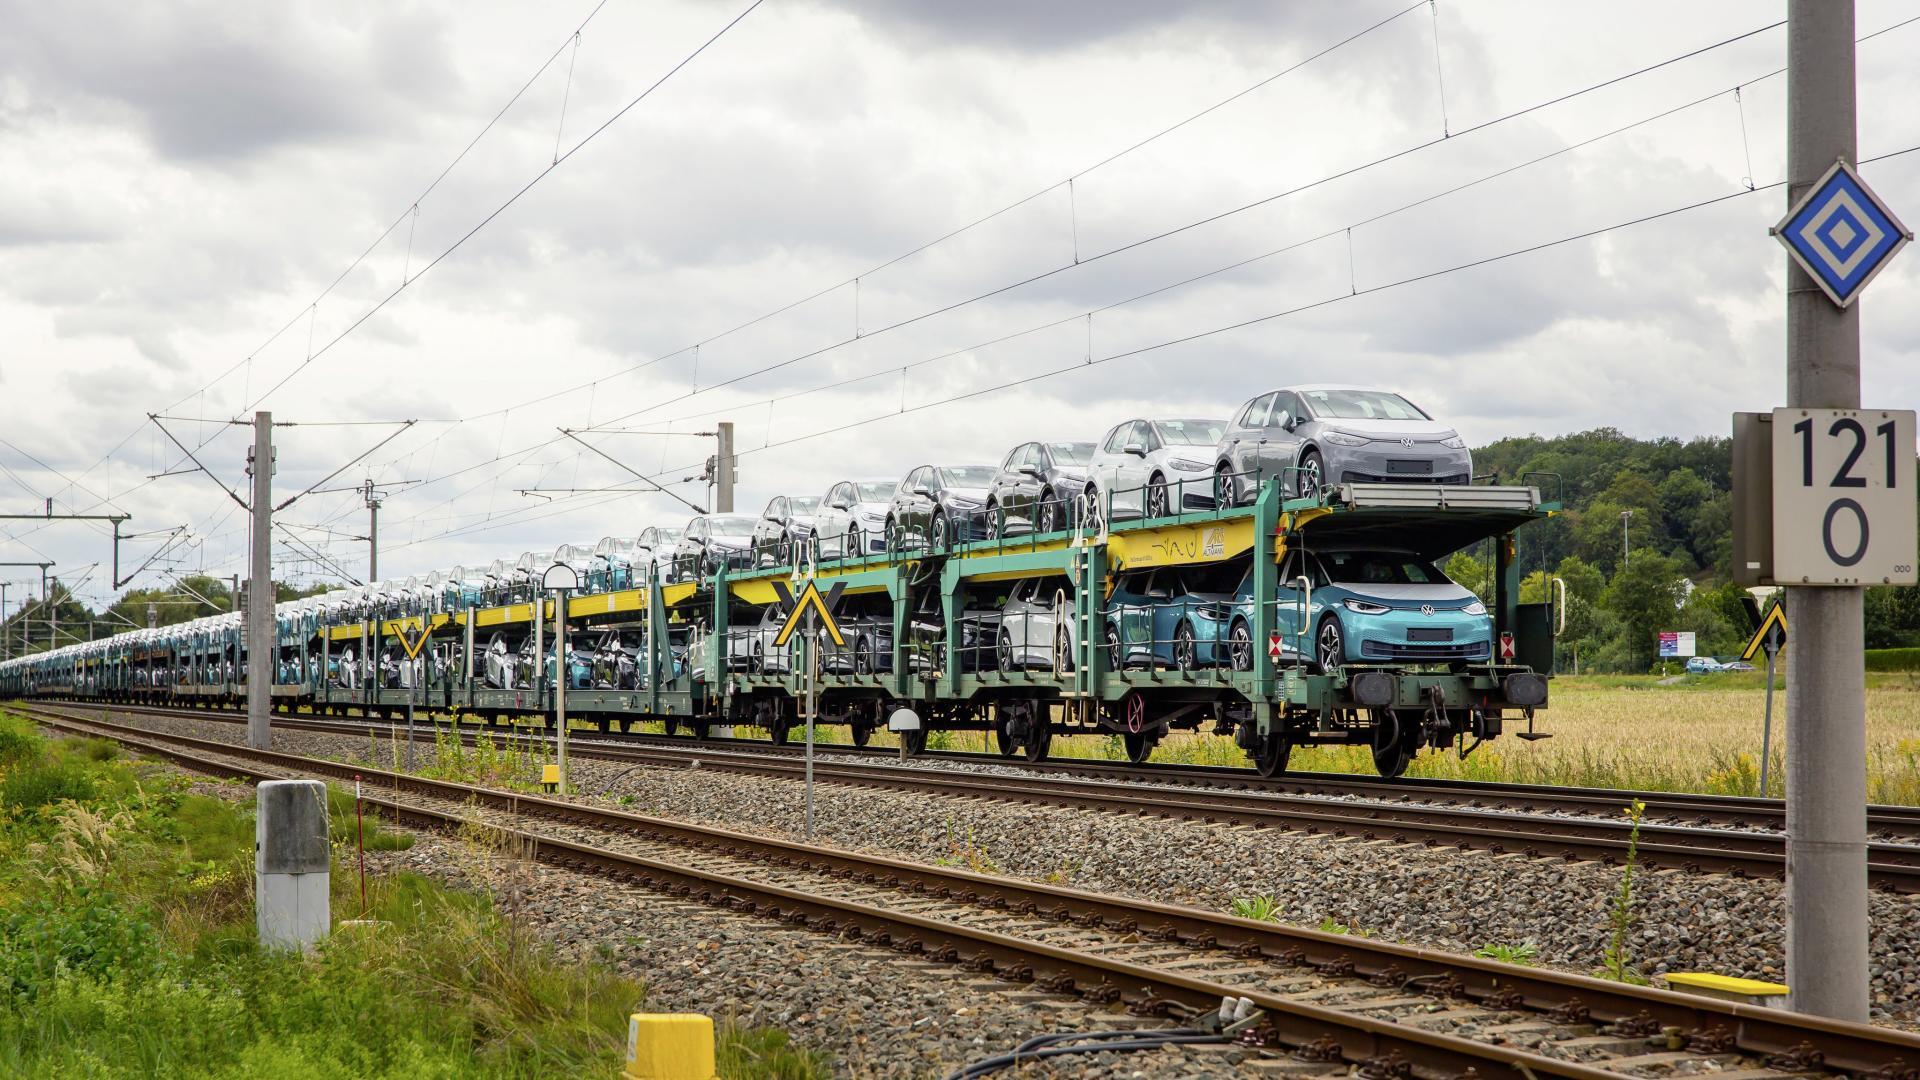 VW setzt auf 100% Grünstrom-Transporte mit der Bahn & spart jährlich 26.700 Tonnen CO2